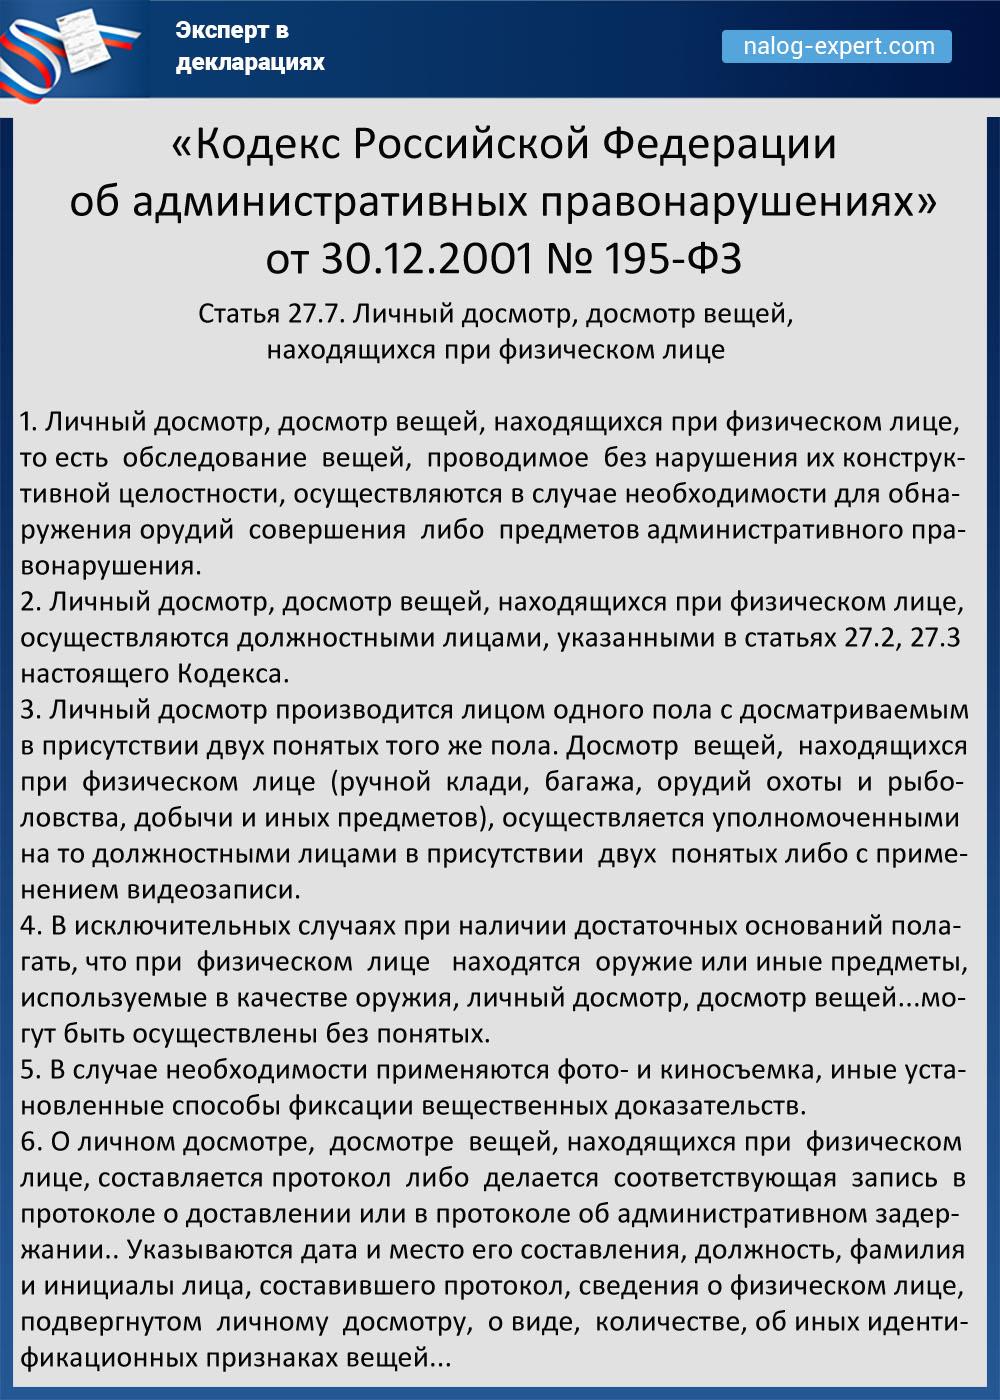 Статья 27.7. Личный досмотр, досмотр вещей, находящихся при физическом лице (ФЗ № 195)